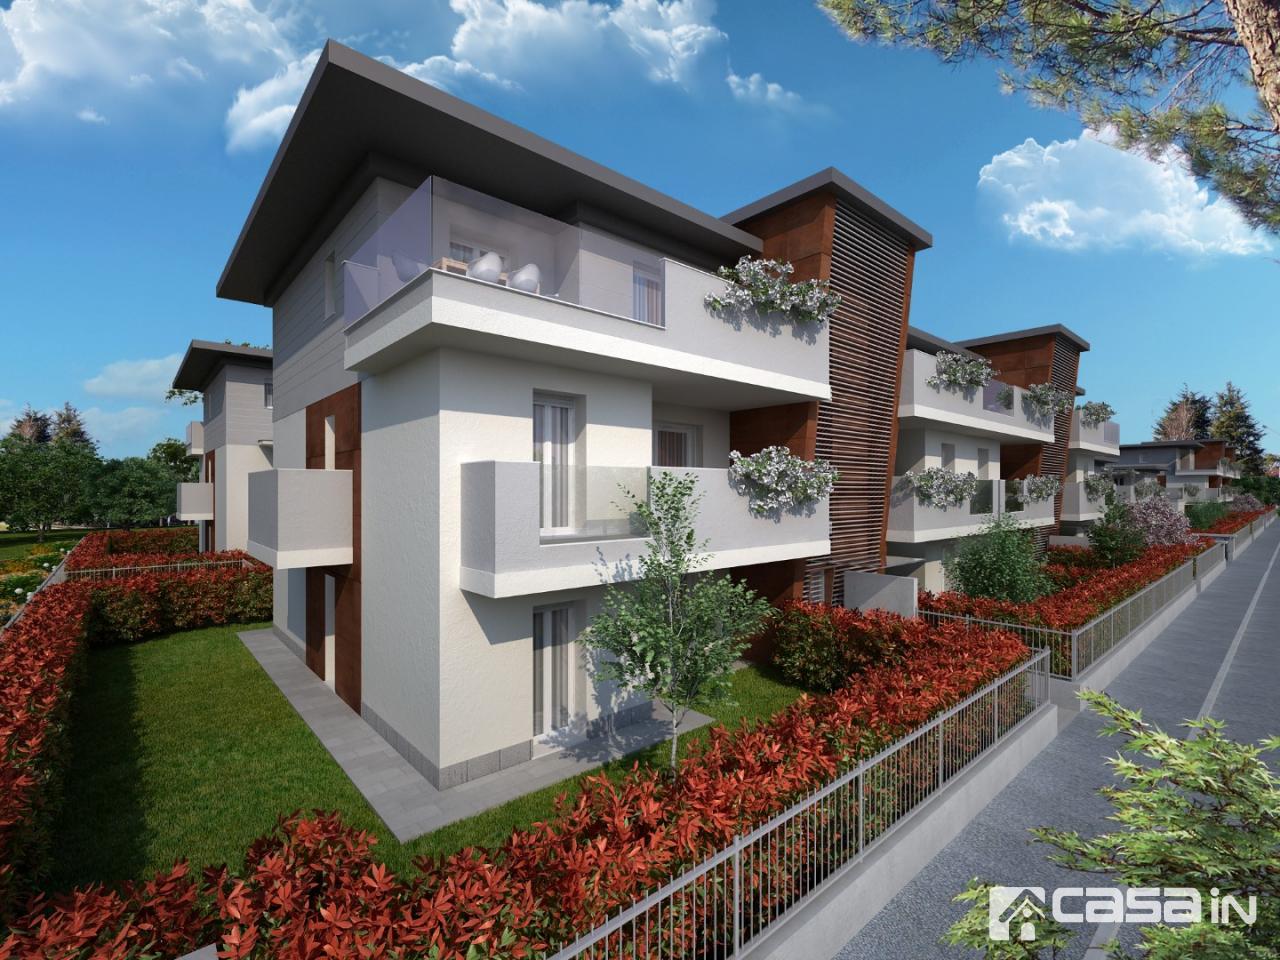 POZZO D'ADDA , 4 LOCALI con GIARDINO: In palazzina di nuova costruzione, proponiamo in vendita luminoso appartamento di 4 locali col giardino su tre lati , l'immobile, personailizzabile nelle finiture, è composto da soggiorno, cucina abitabile, 3 camere e 2 bagni.<br /> <br /> Possibilità box singolo o doppio.